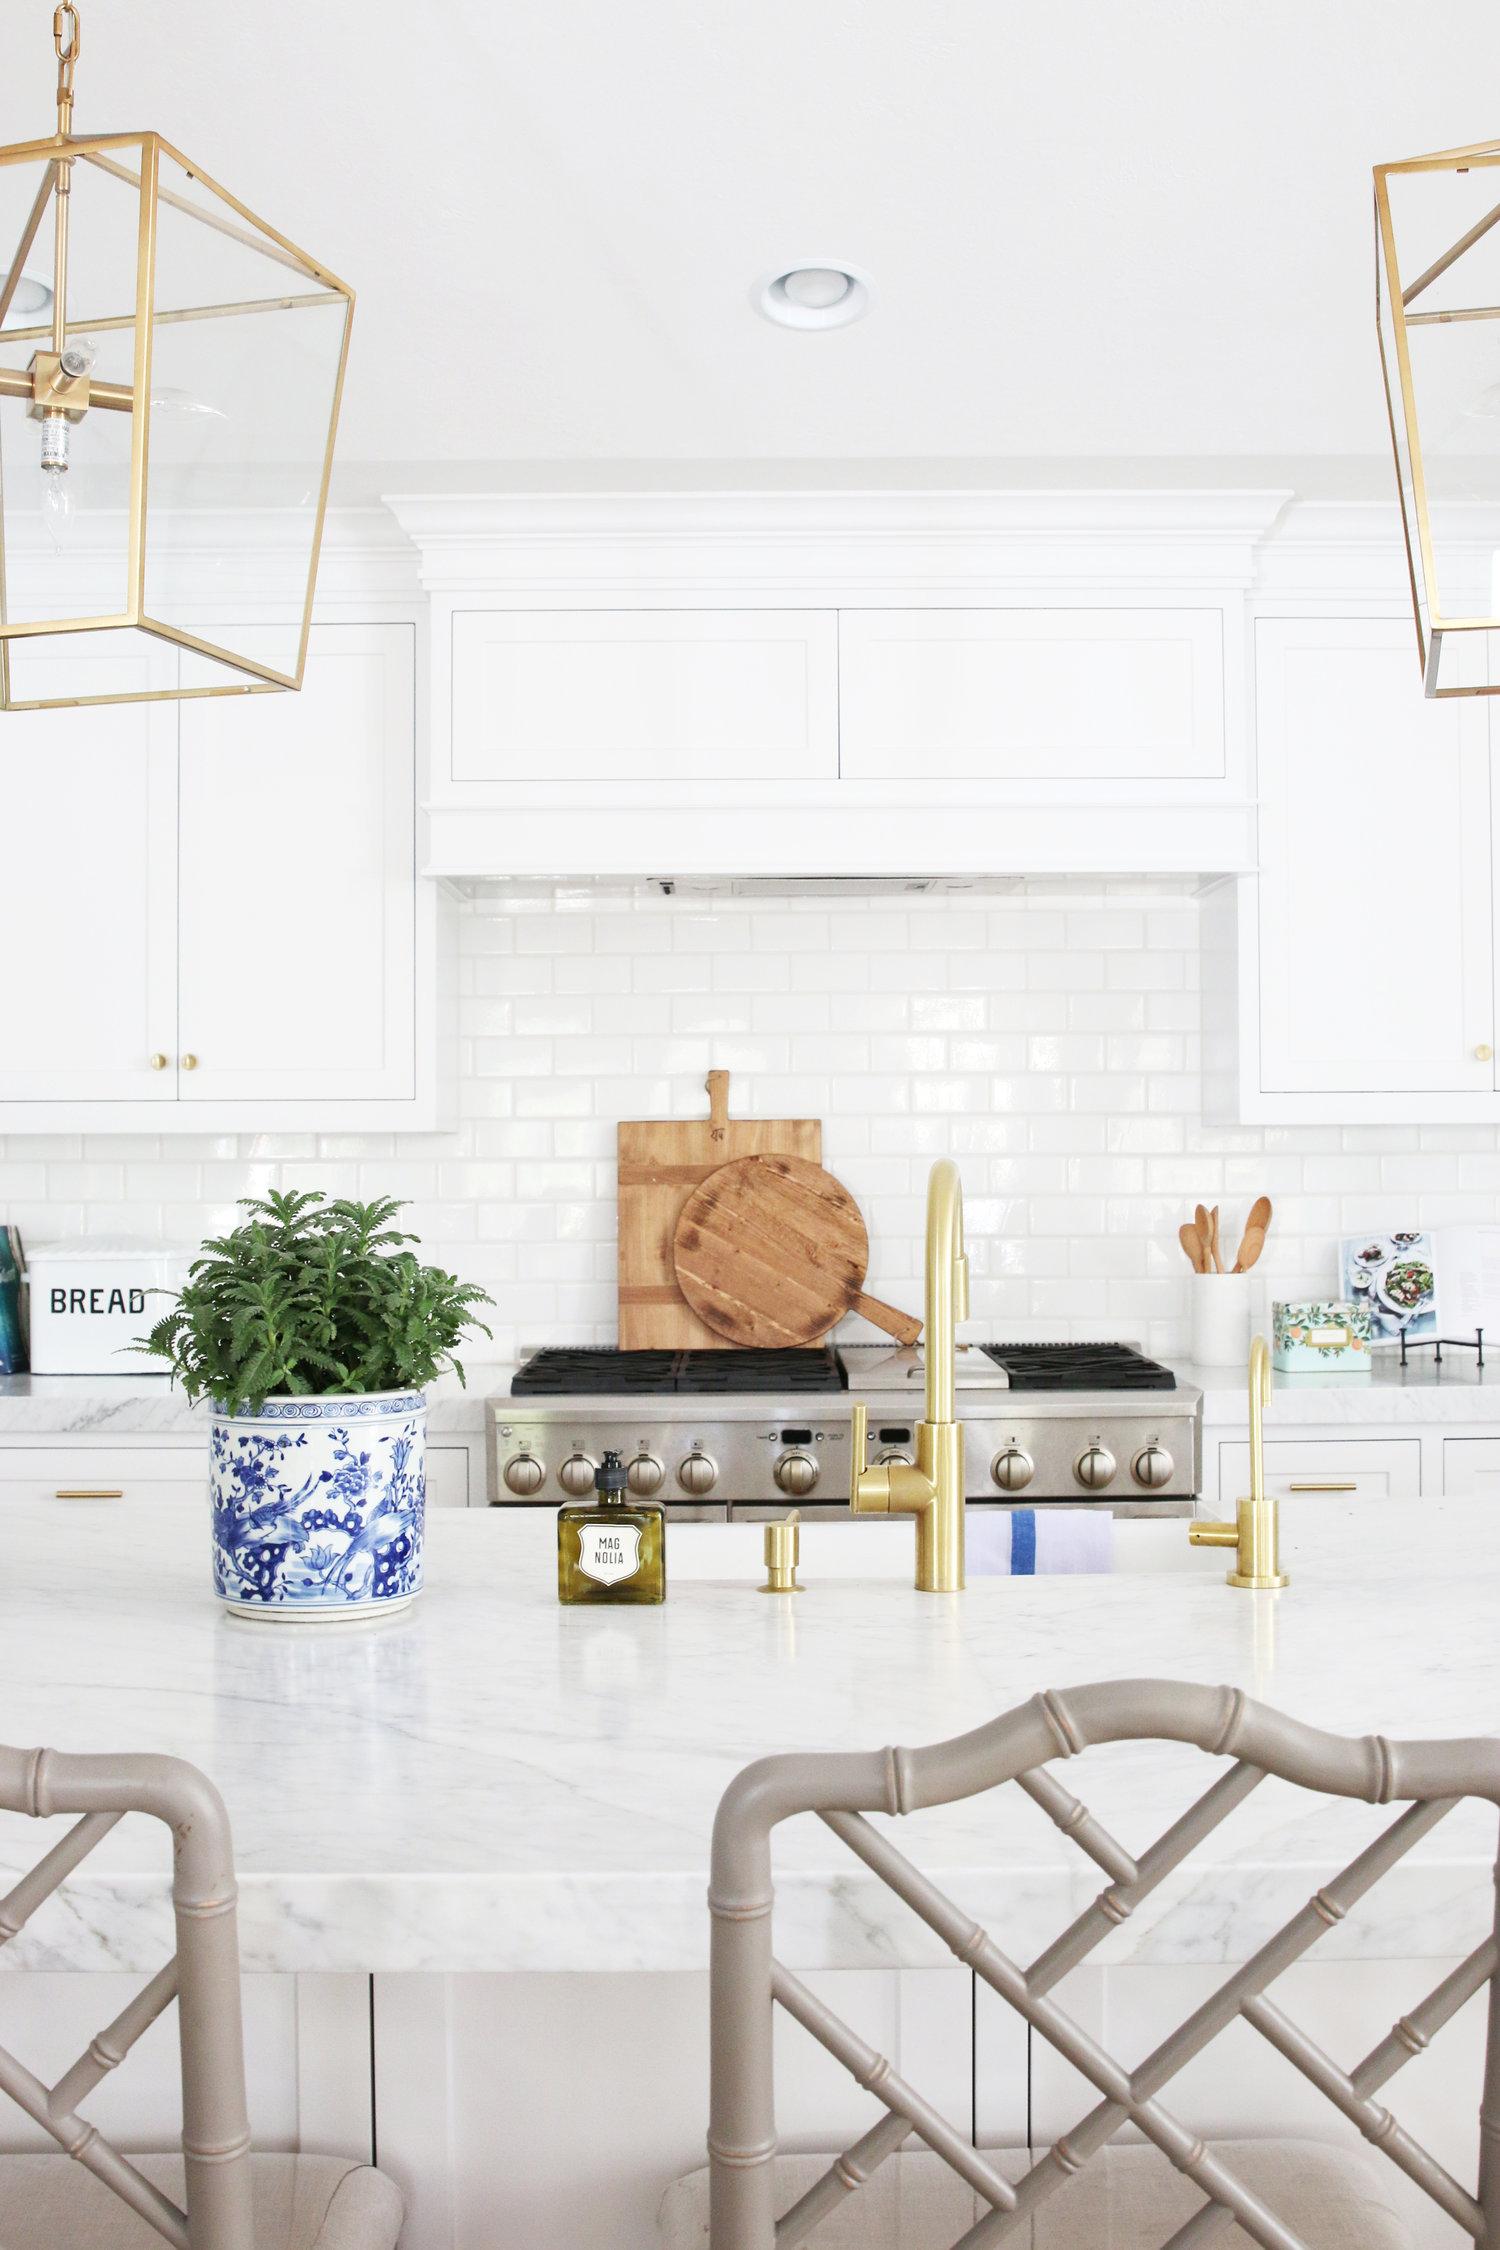 Decorative details on kitchen island